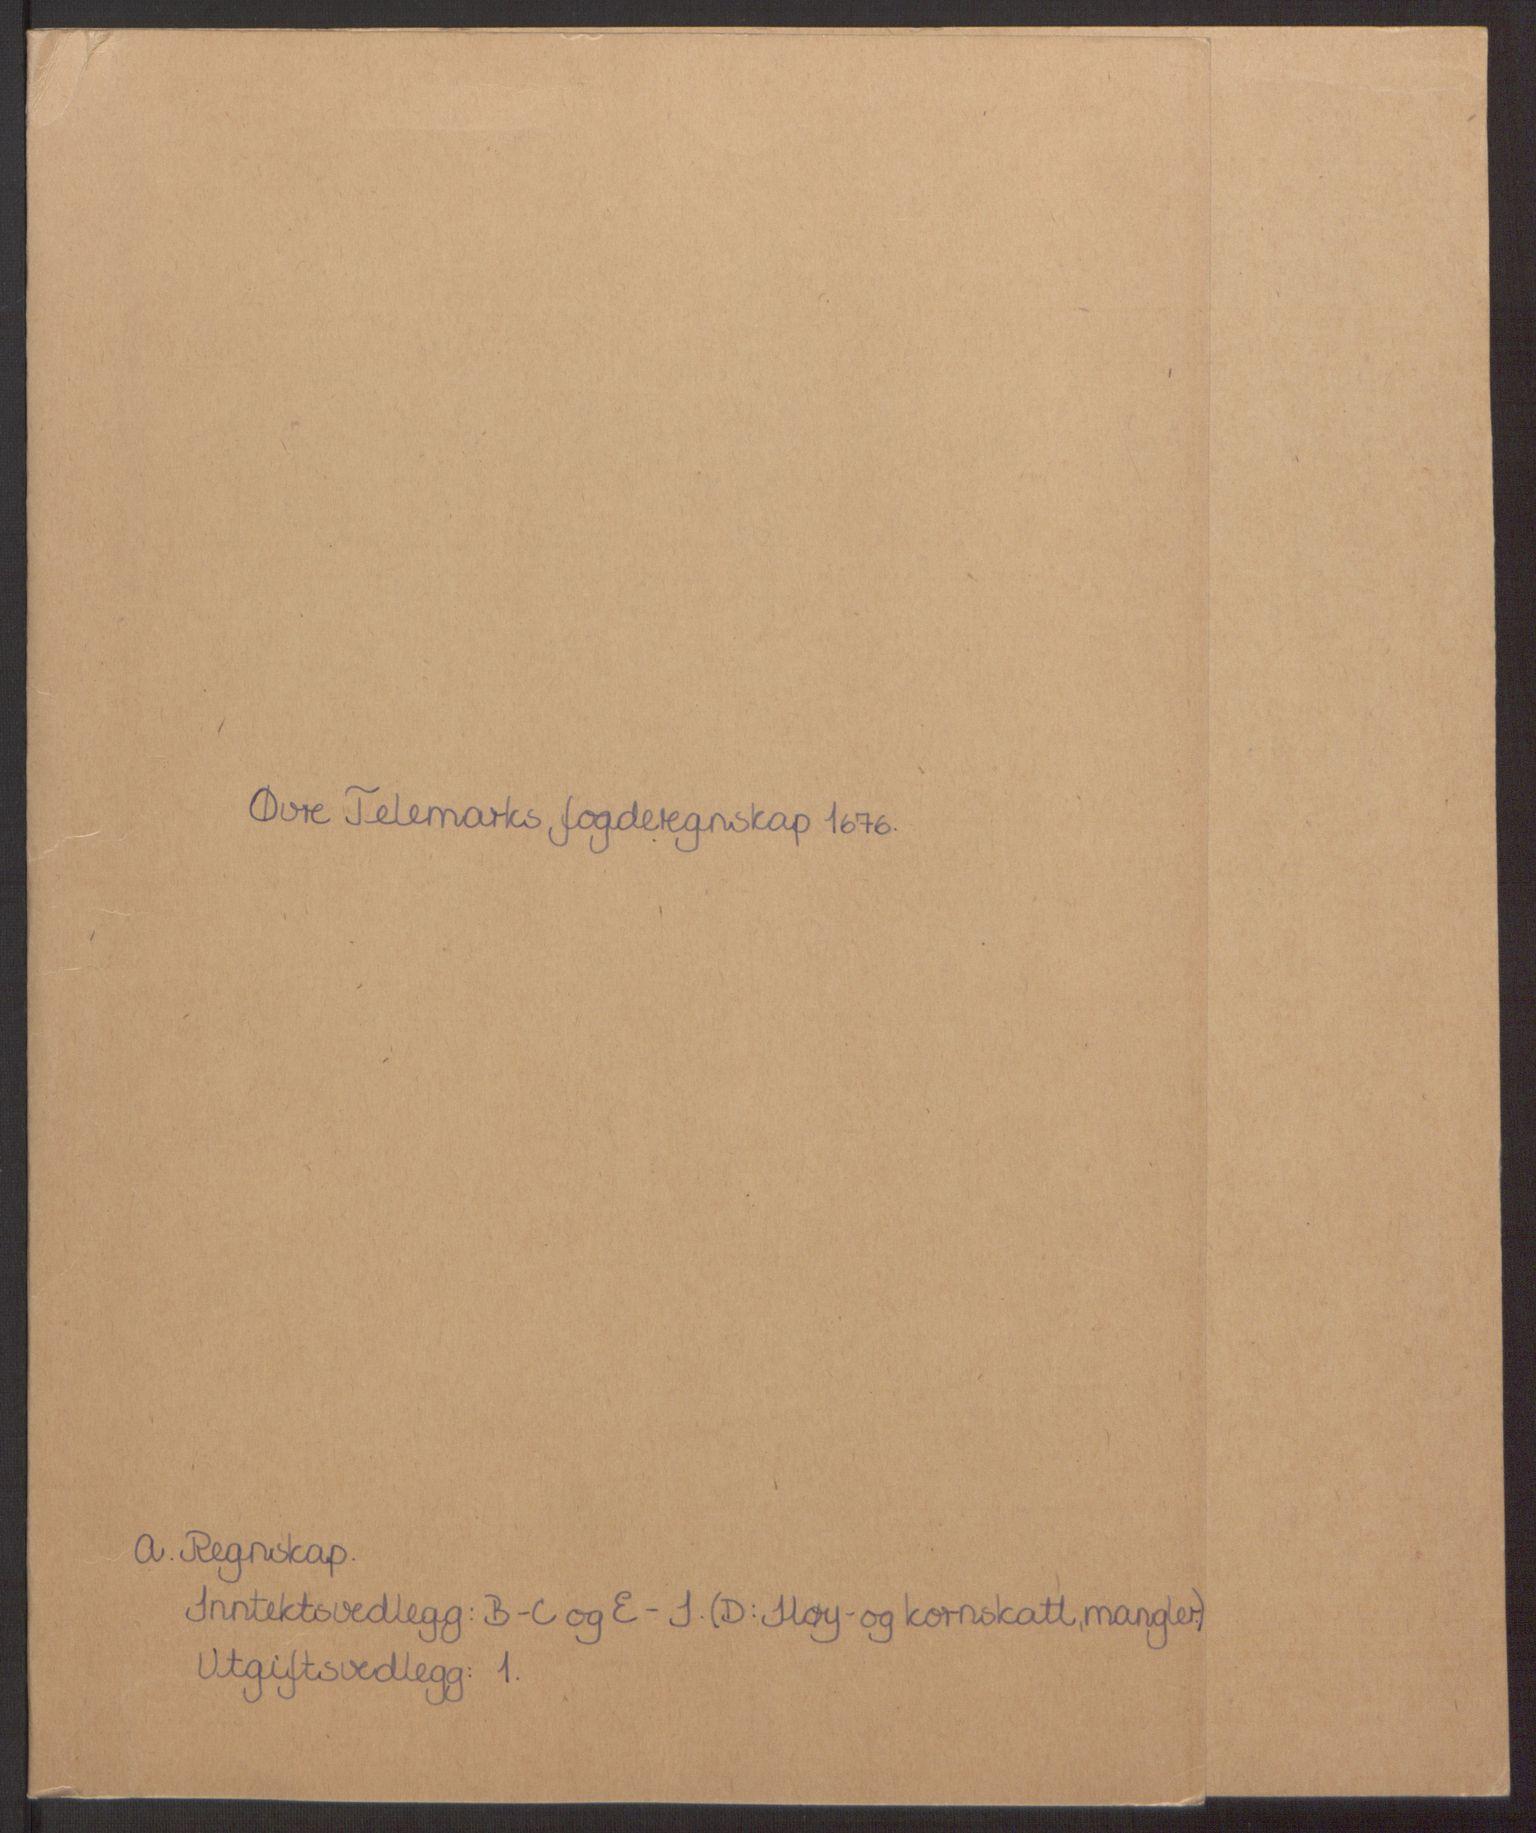 RA, Rentekammeret inntil 1814, Reviderte regnskaper, Fogderegnskap, R35/L2065: Fogderegnskap Øvre og Nedre Telemark, 1676, s. 2